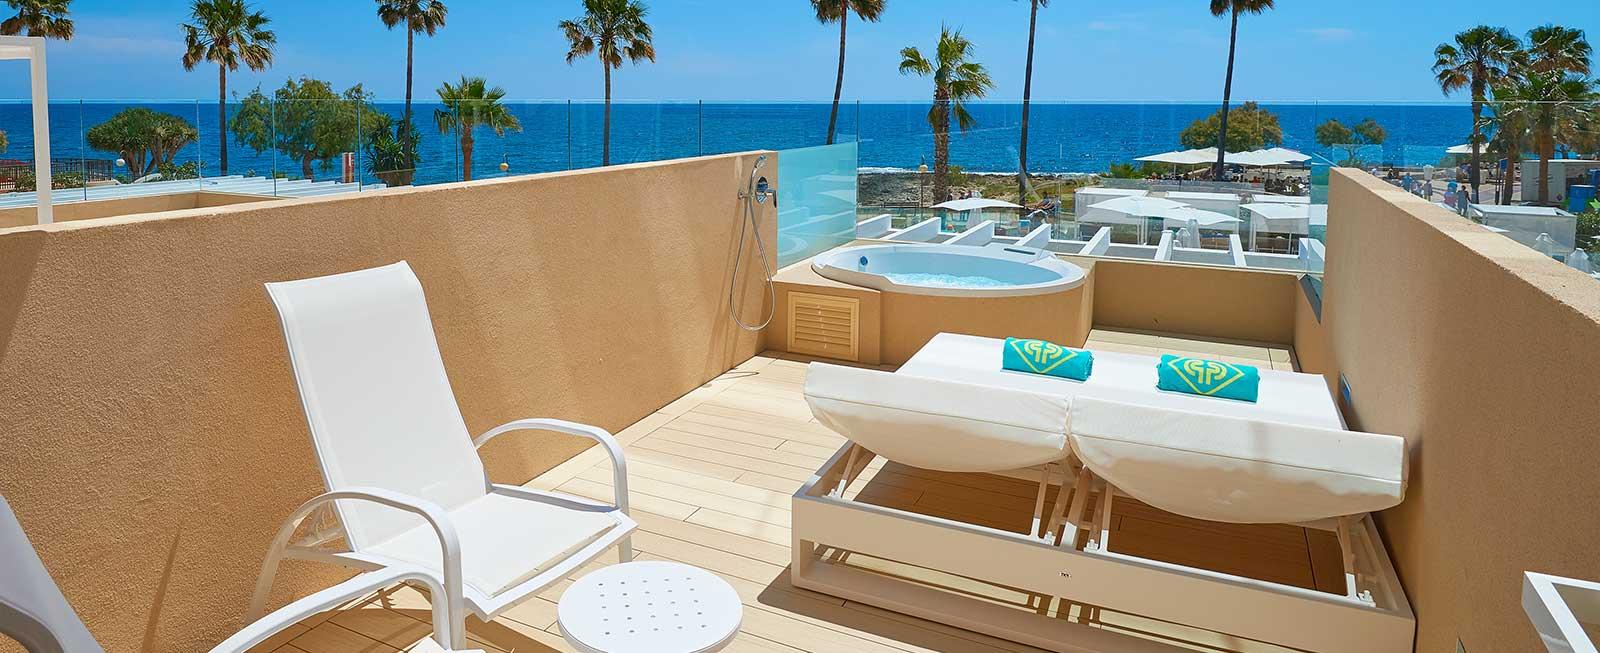 doble-superior-premium-habitacion-protur-bonamar-hotel-cala-millor